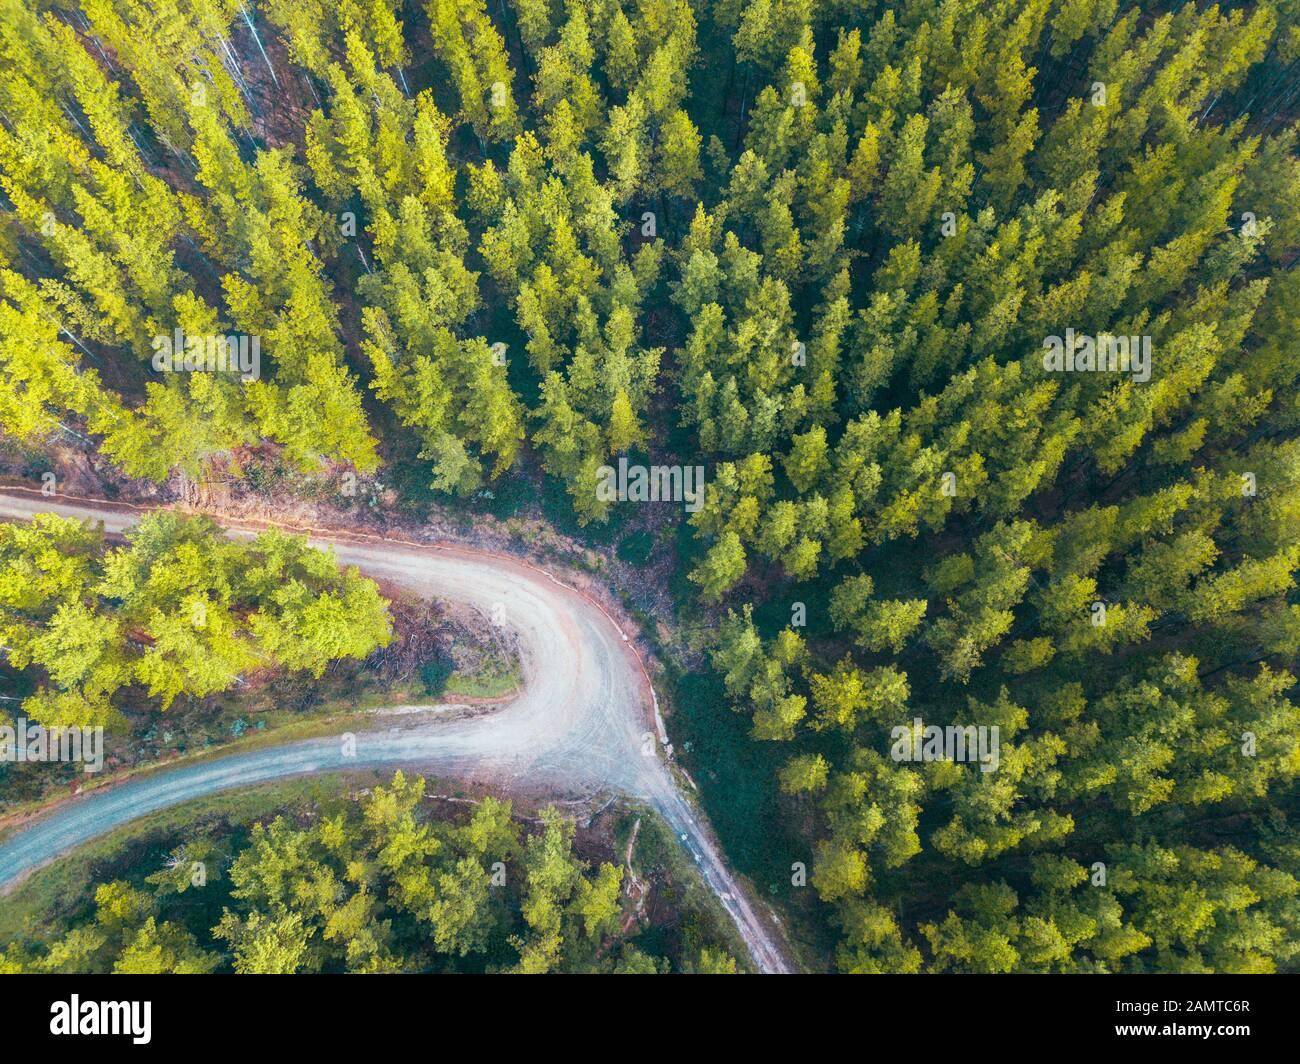 Luftaufnahme einer Straße durch einen Alpenwald, Mount Buffalo National Park, Myrtelford, Victoria, Australien Stockfoto